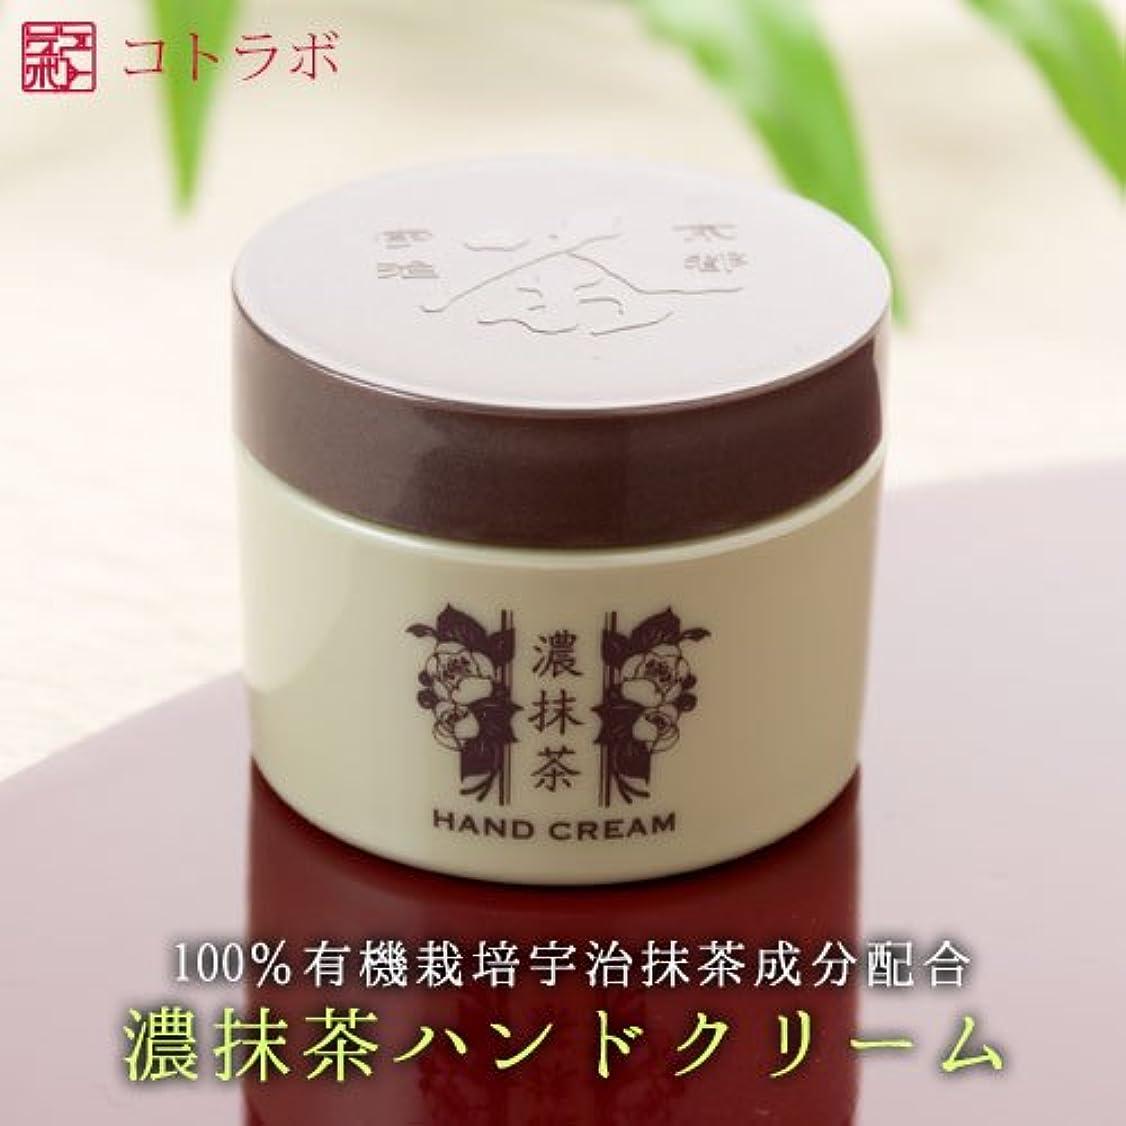 耐久アンタゴニスト期限コトラボ 濃抹茶ハンドクリーム25g 京都産宇治抹茶パウダー配合 グリーンティーフローラルの香り 京都発のスキンケアクリーム Kyoto premium hand cream, Aroma of green tea floral